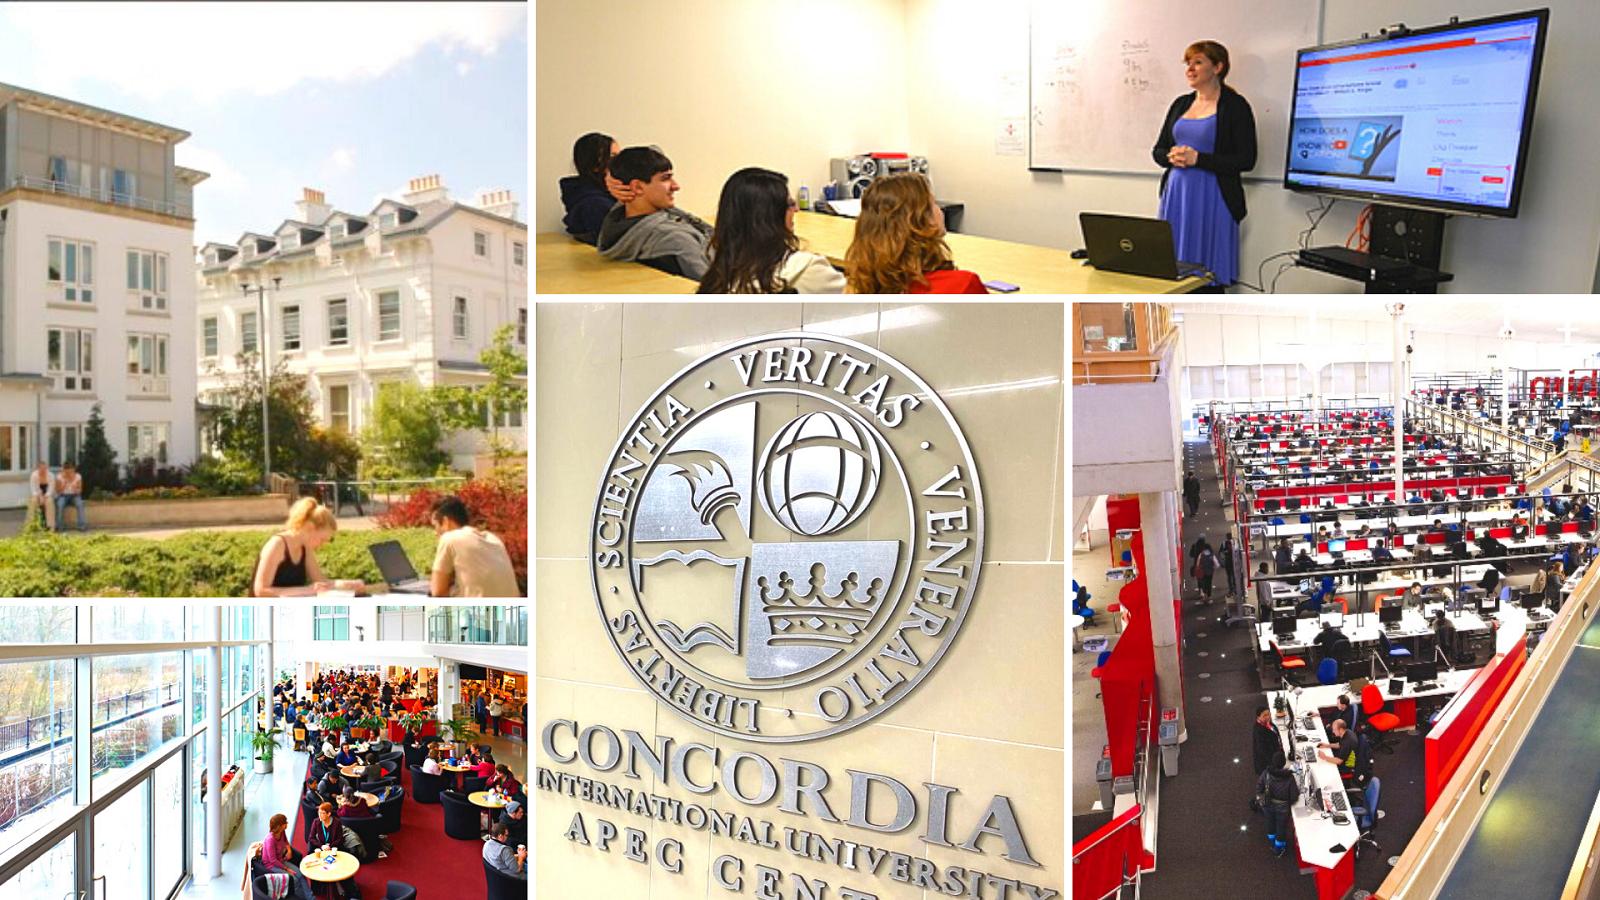 コンコーディア国際大学(Concordia International University)